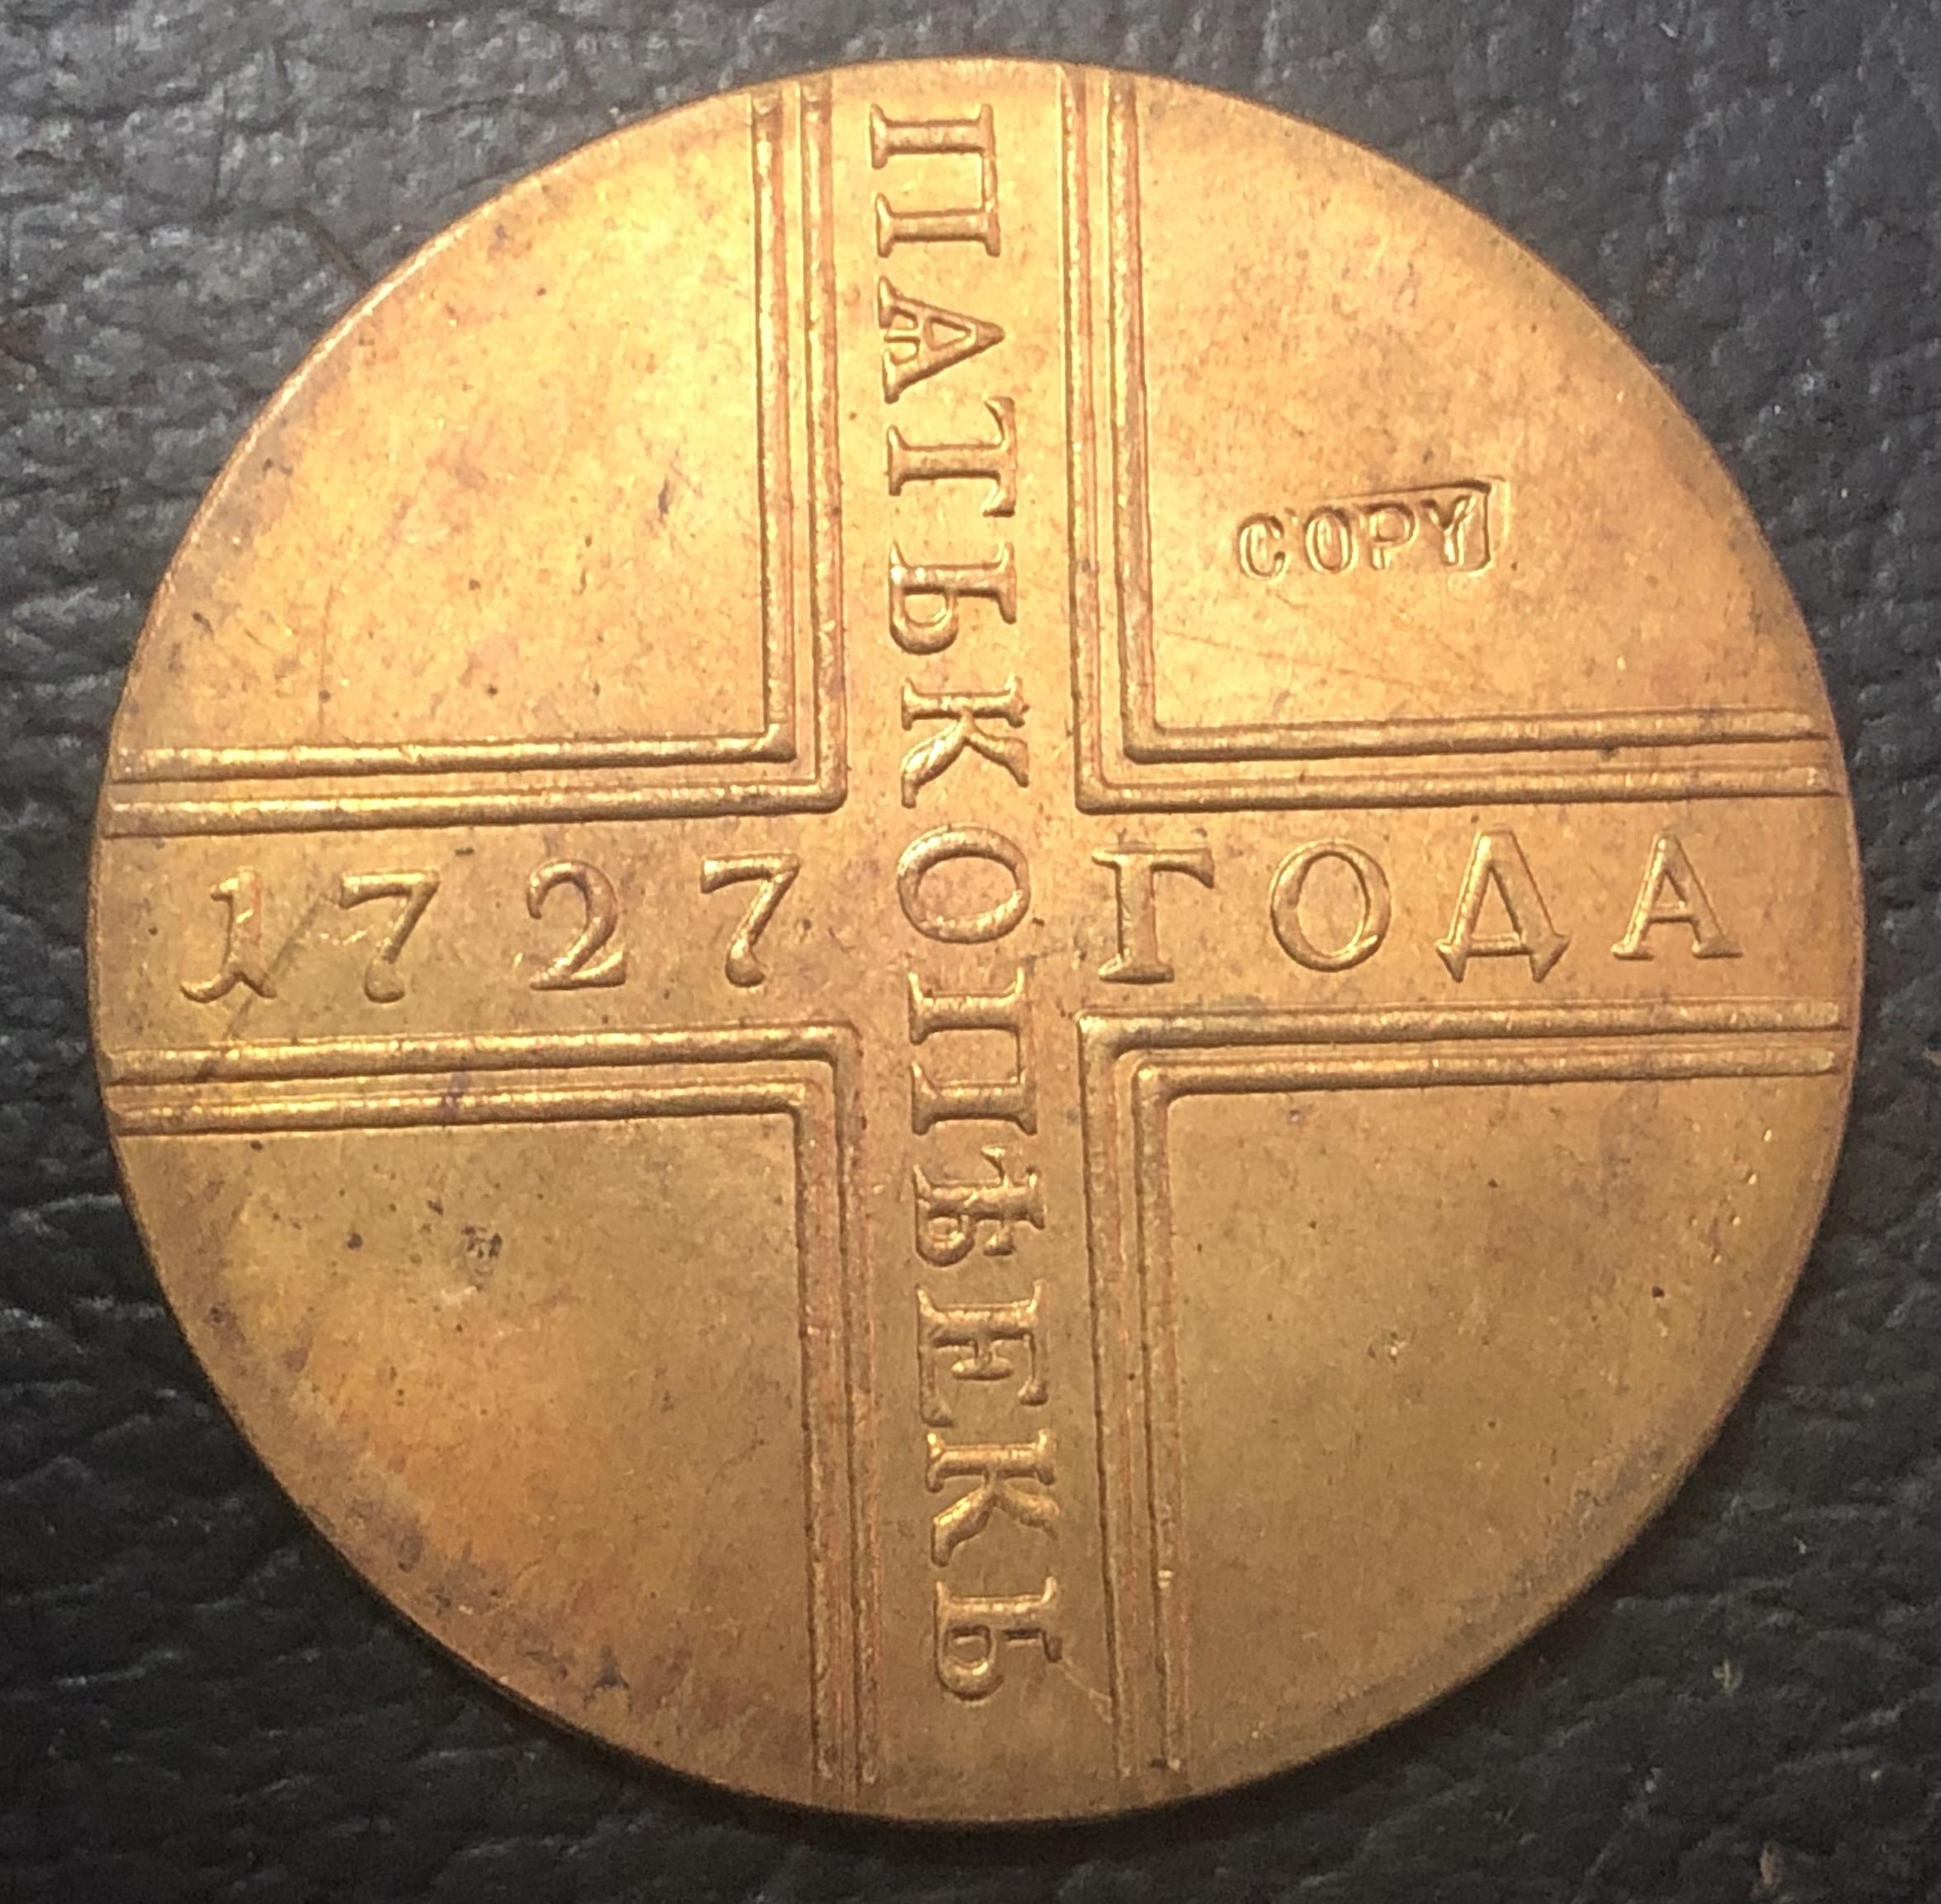 1727(га) Российская империя 5 копеек-Петр I/Ekaterina I/Pyotr II/Анна медь